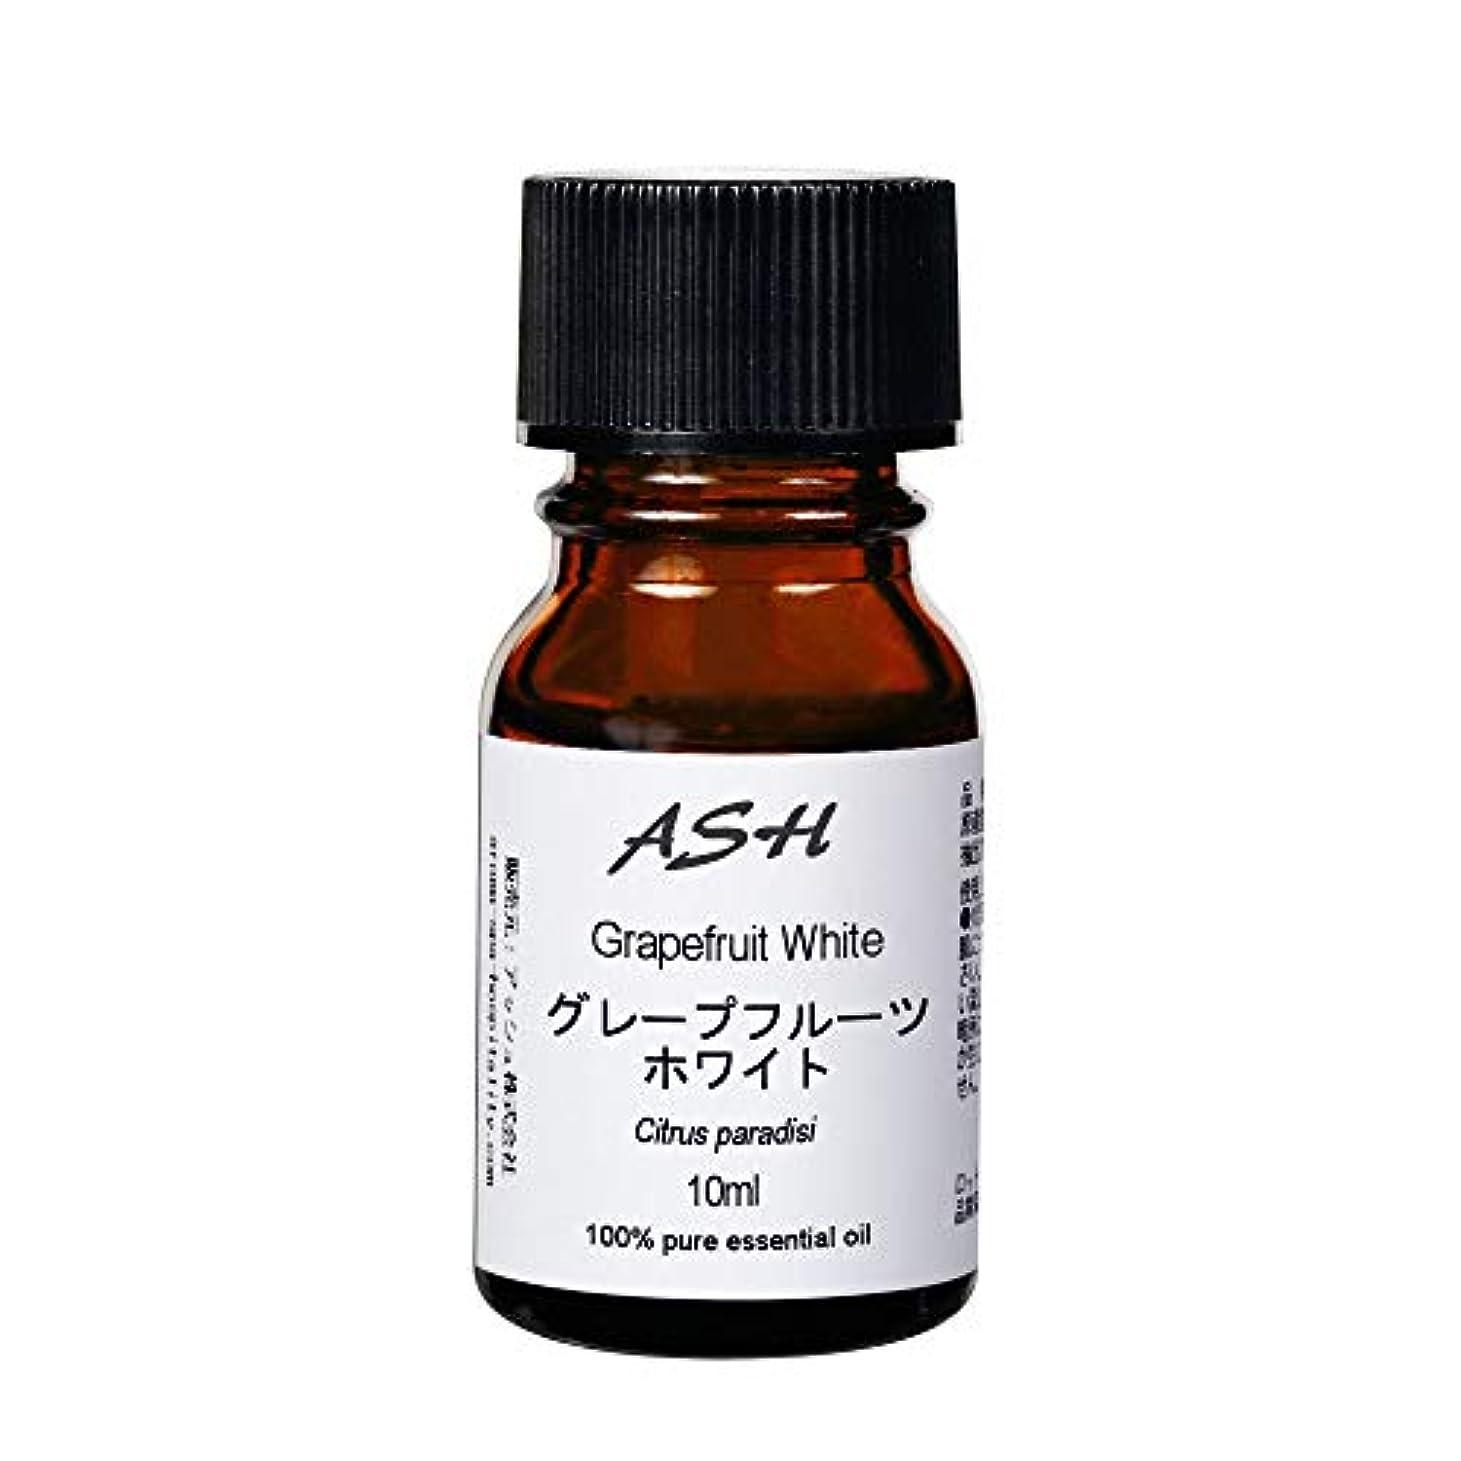 ブランク屋内で割れ目ASH グレープフルーツホワイト エッセンシャルオイル 10ml AEAJ表示基準適合認定精油